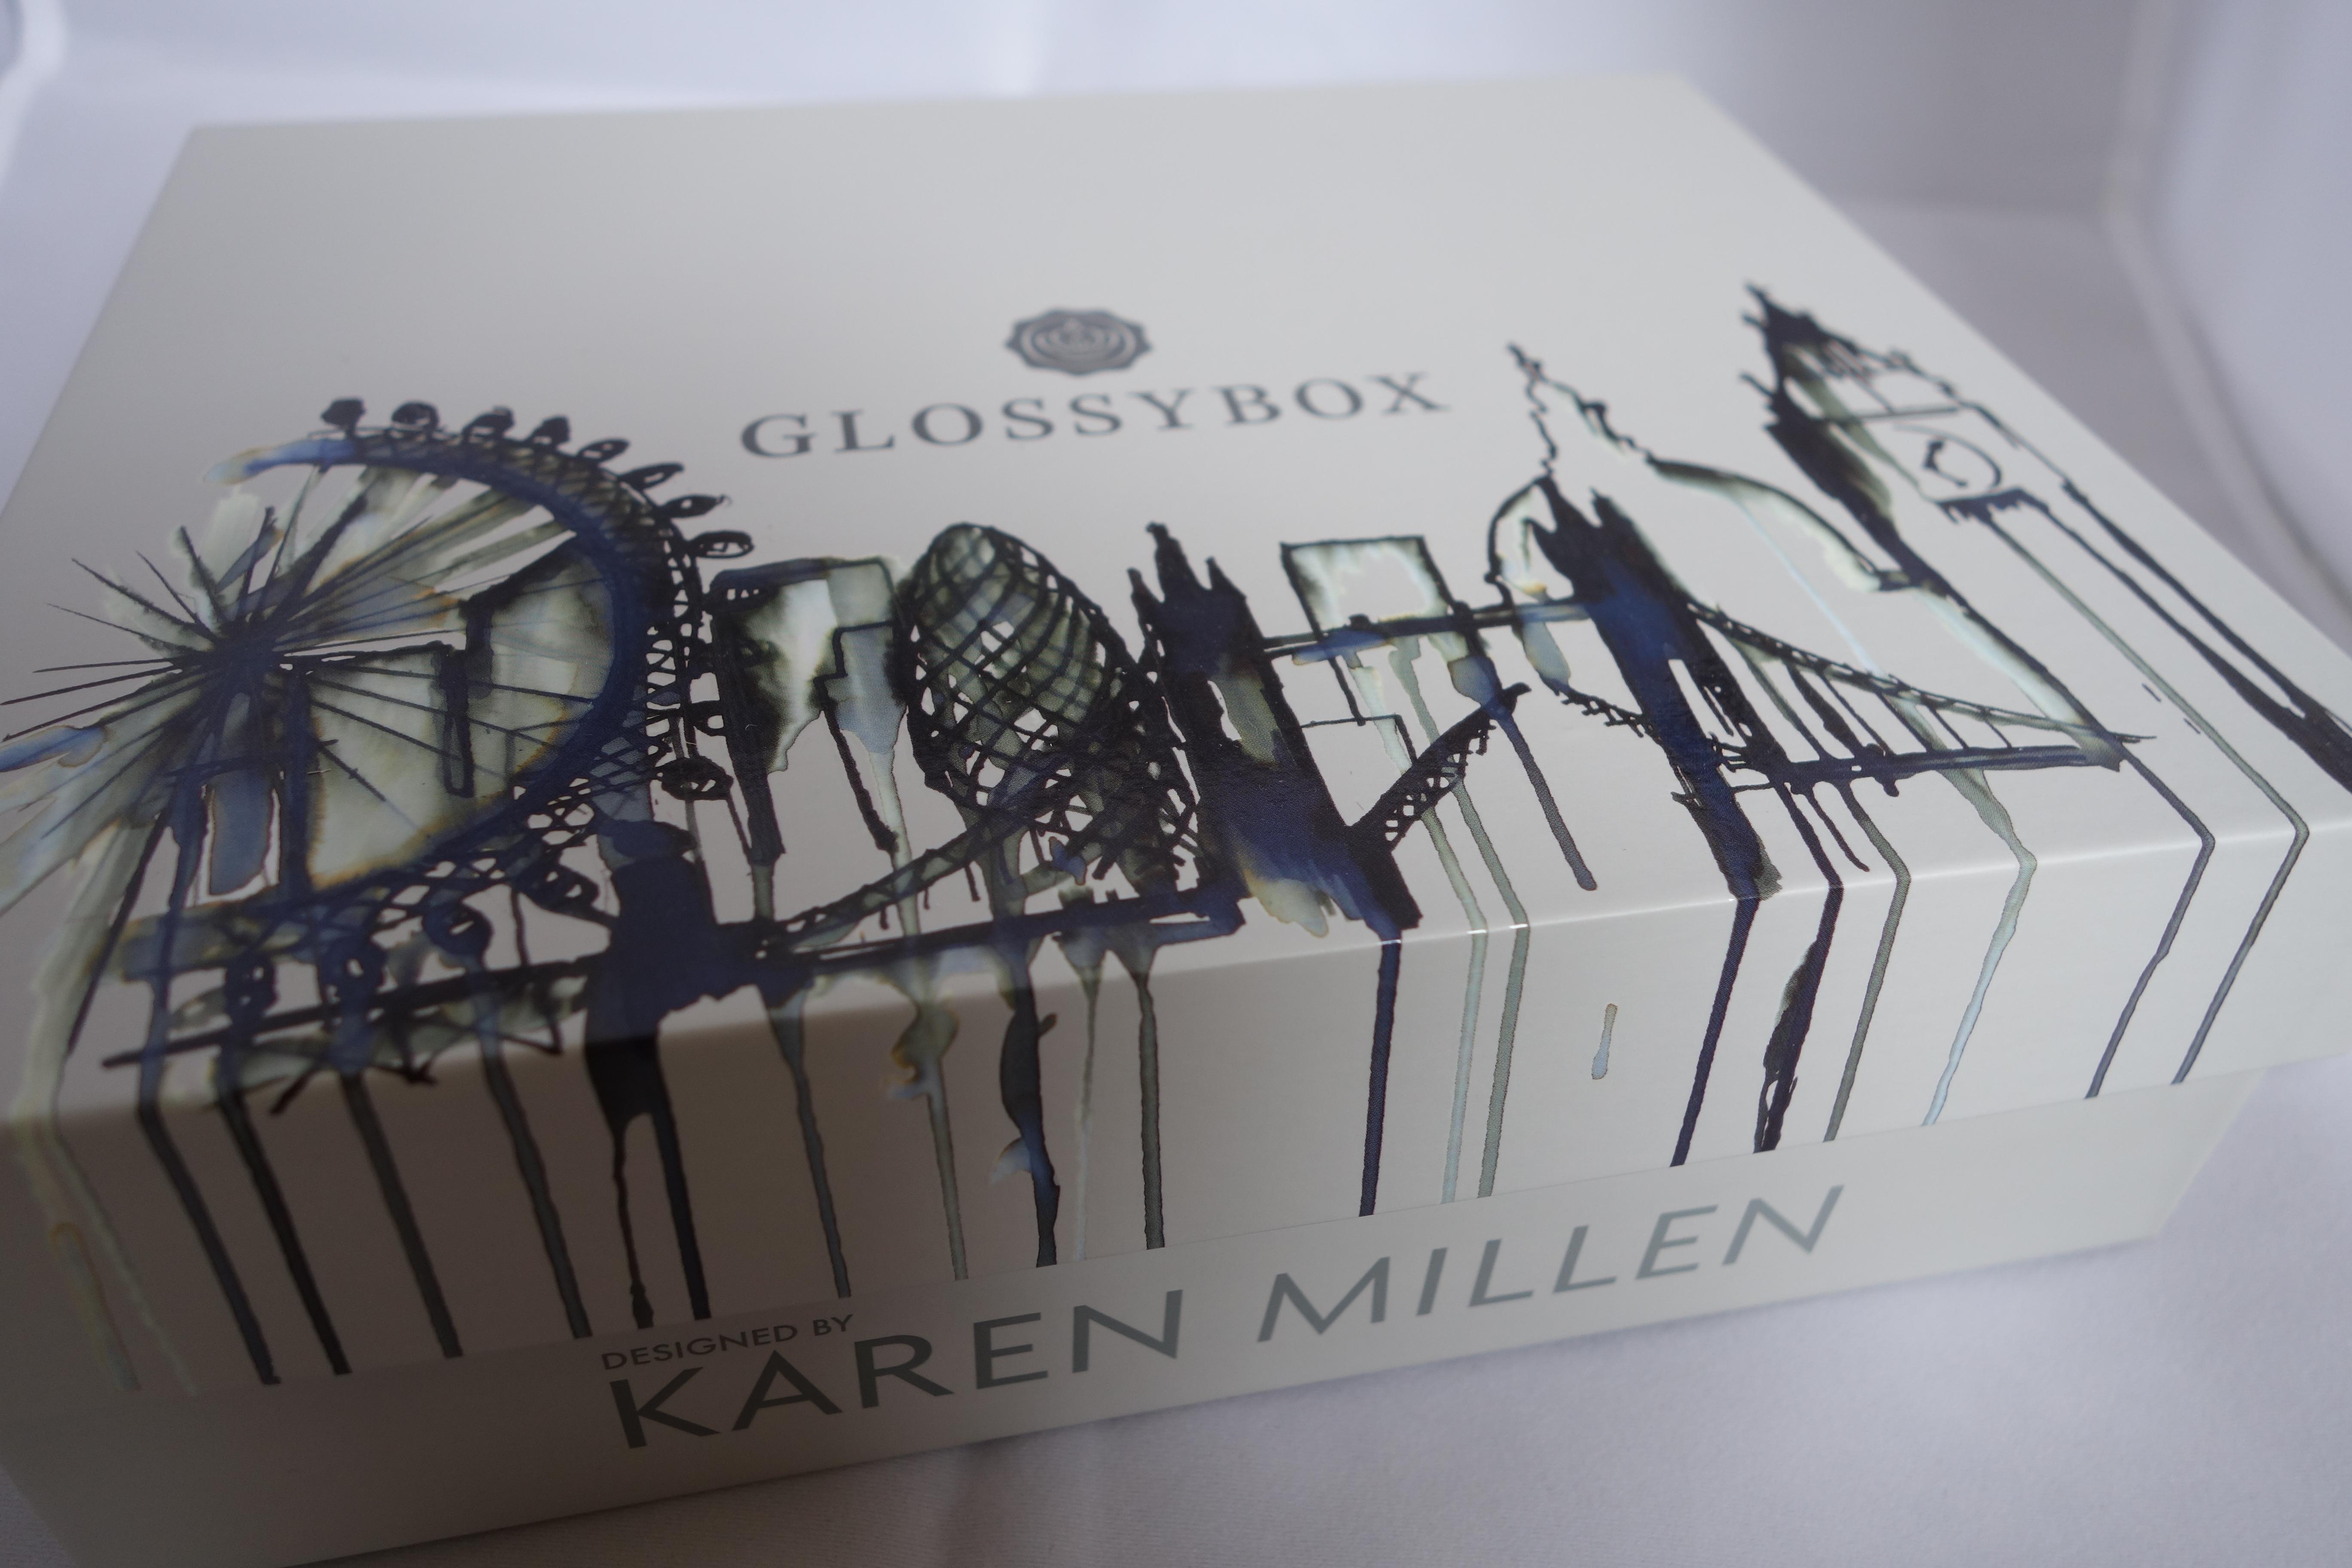 Karen Millen Glossybox